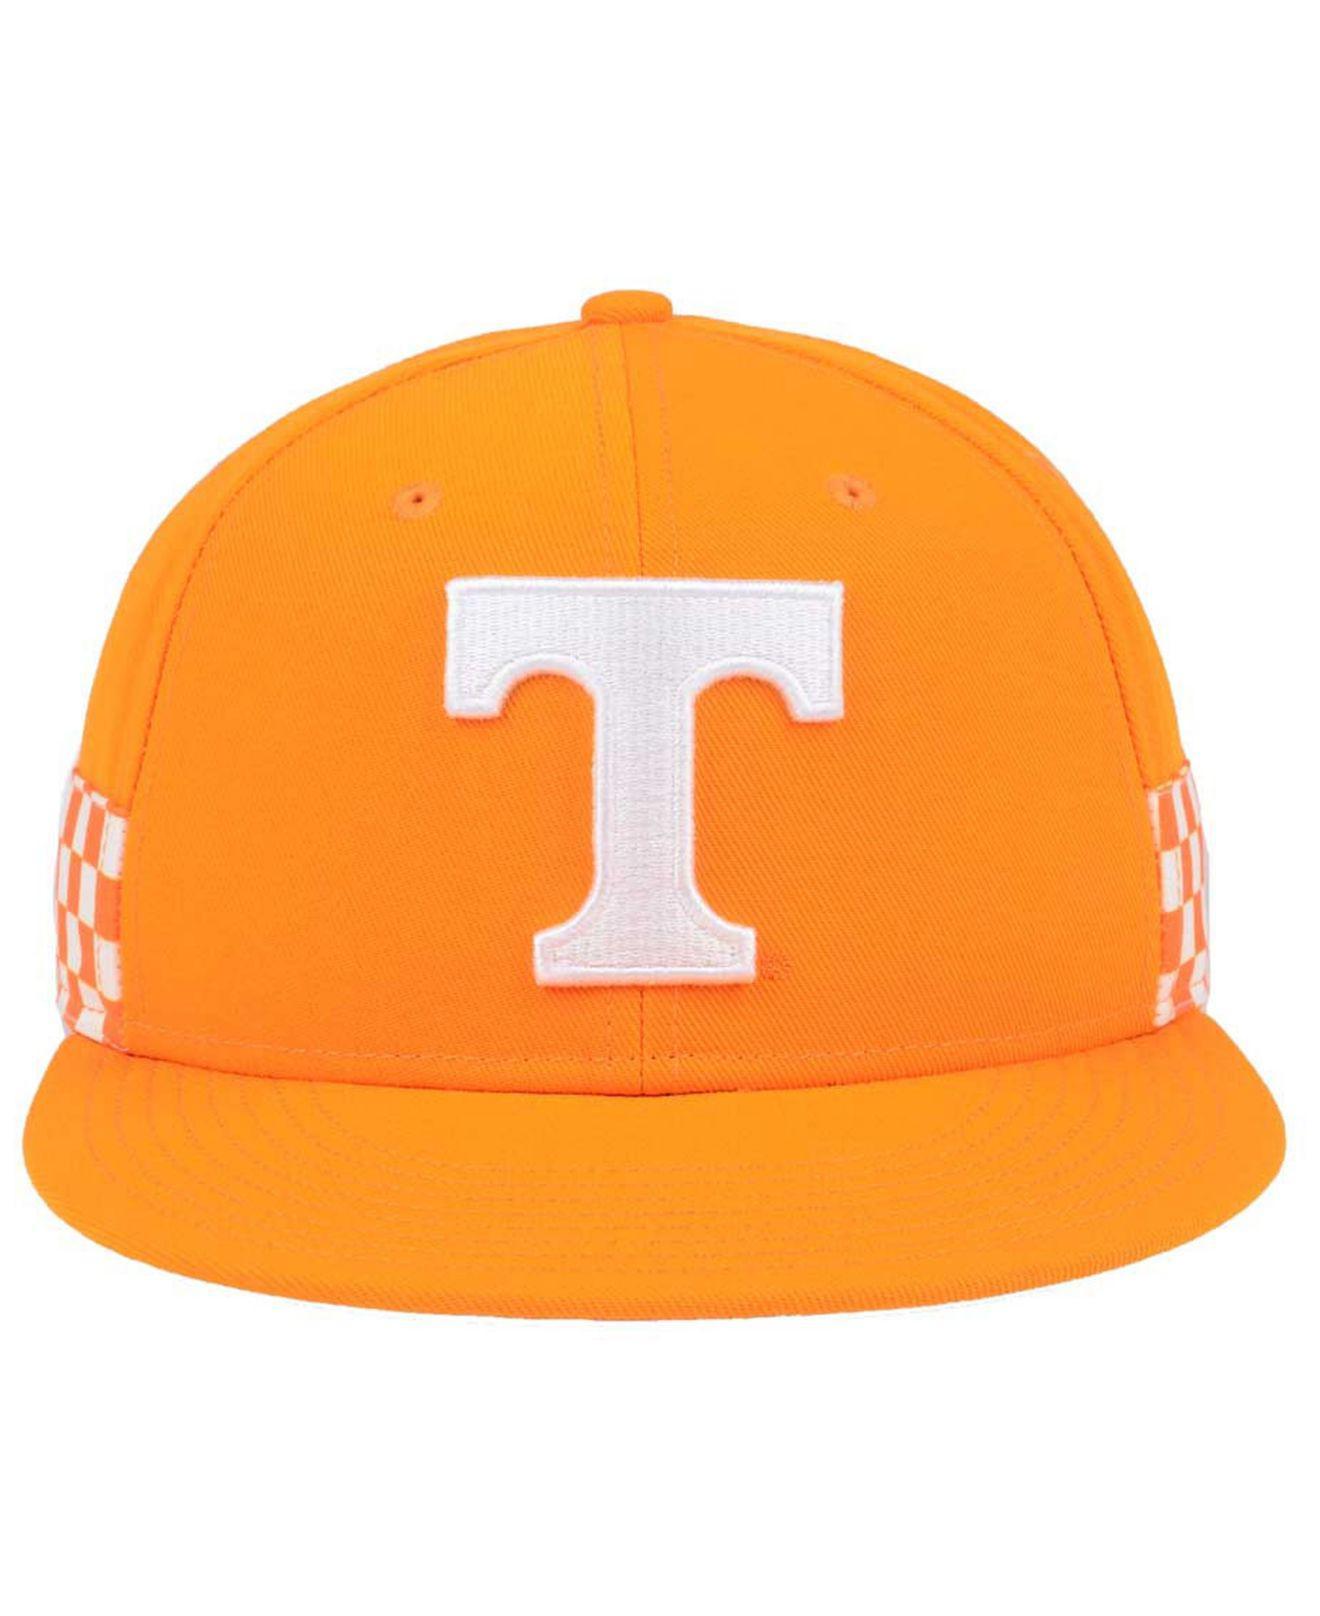 newest 6395d 0b291 ... france lyst nike true woven stripe snapback cap in orange for men e5940  9d148